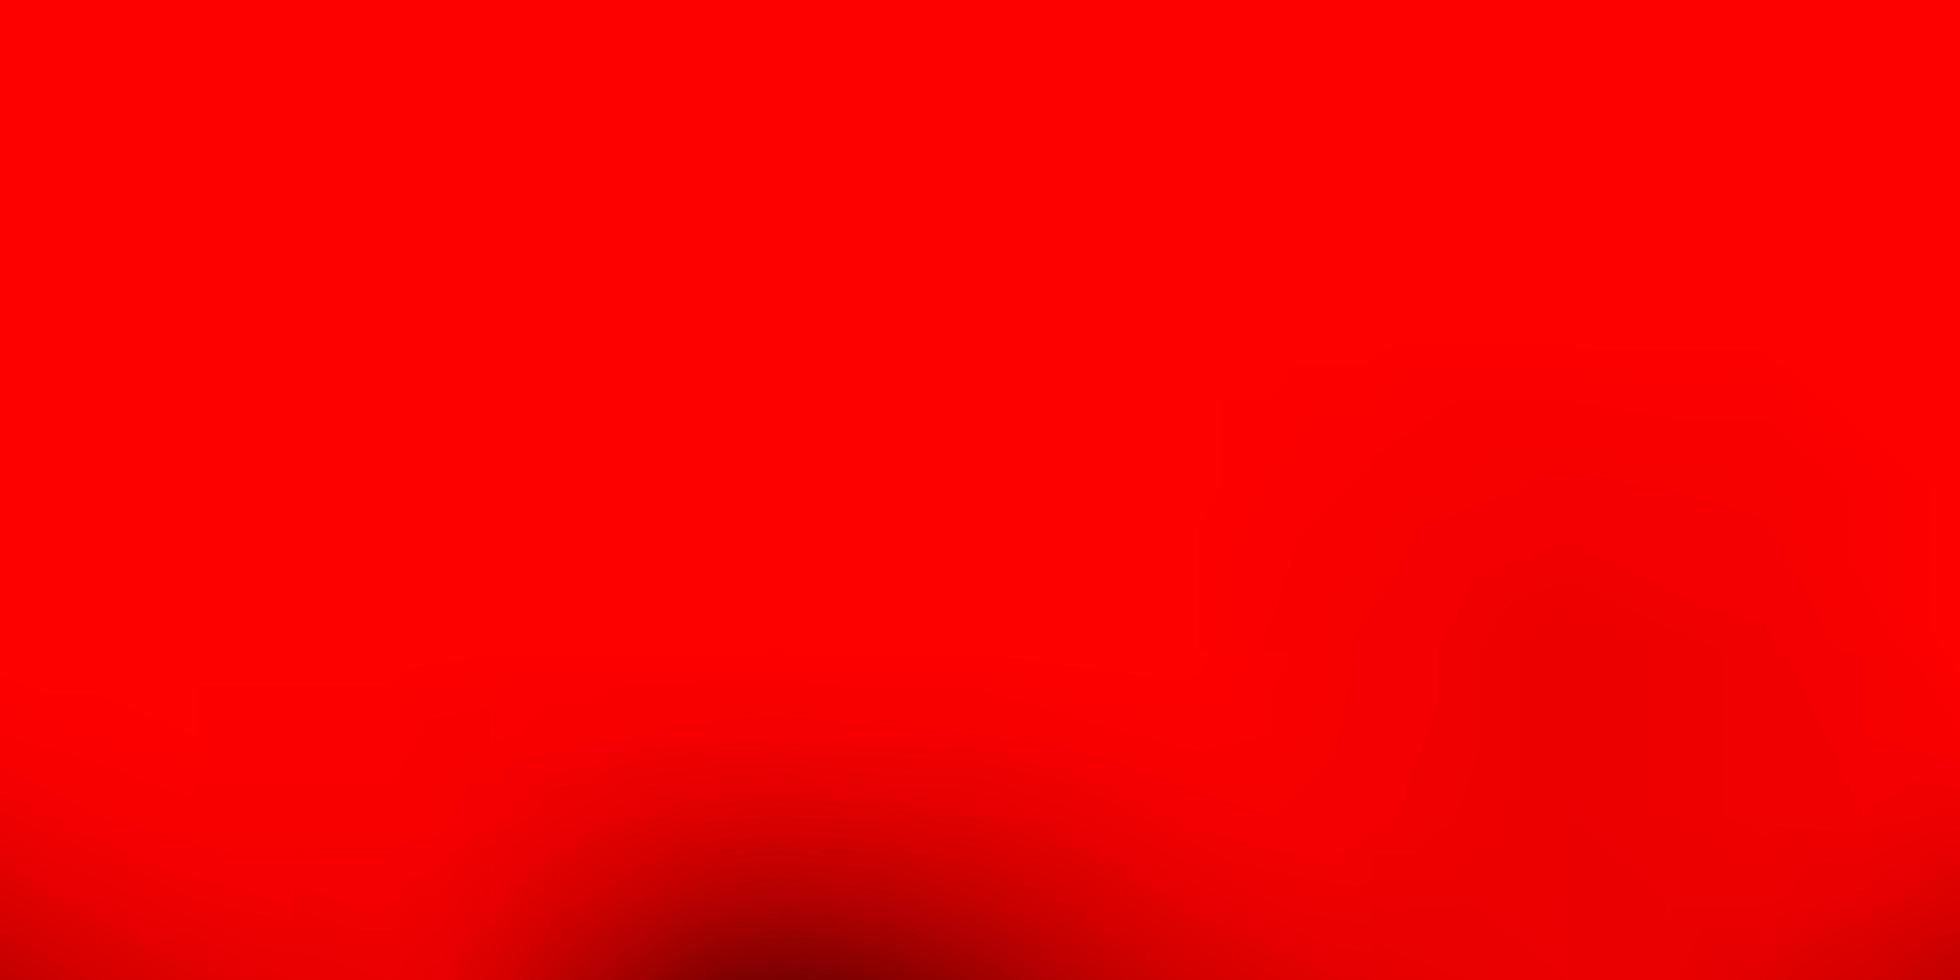 luz vermelha vector turva padrão.